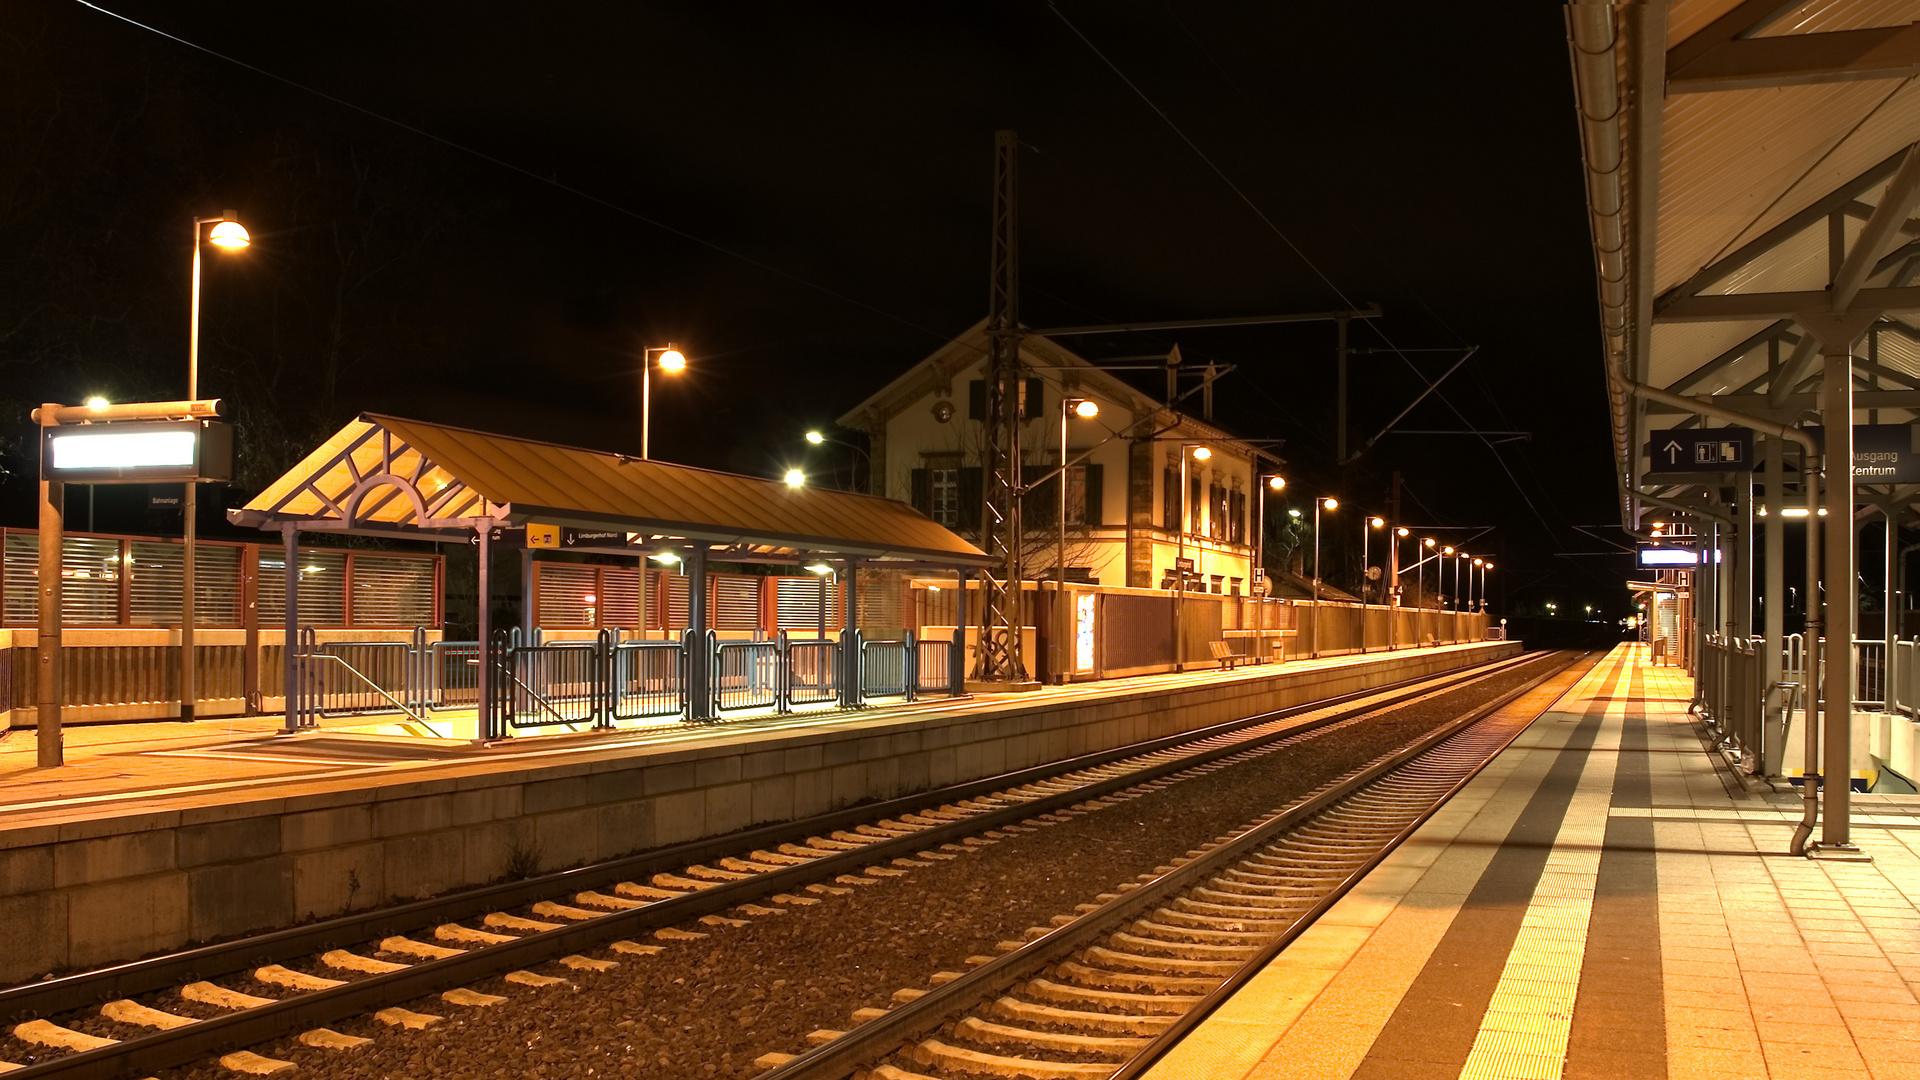 Limburgerhof Bahnhof